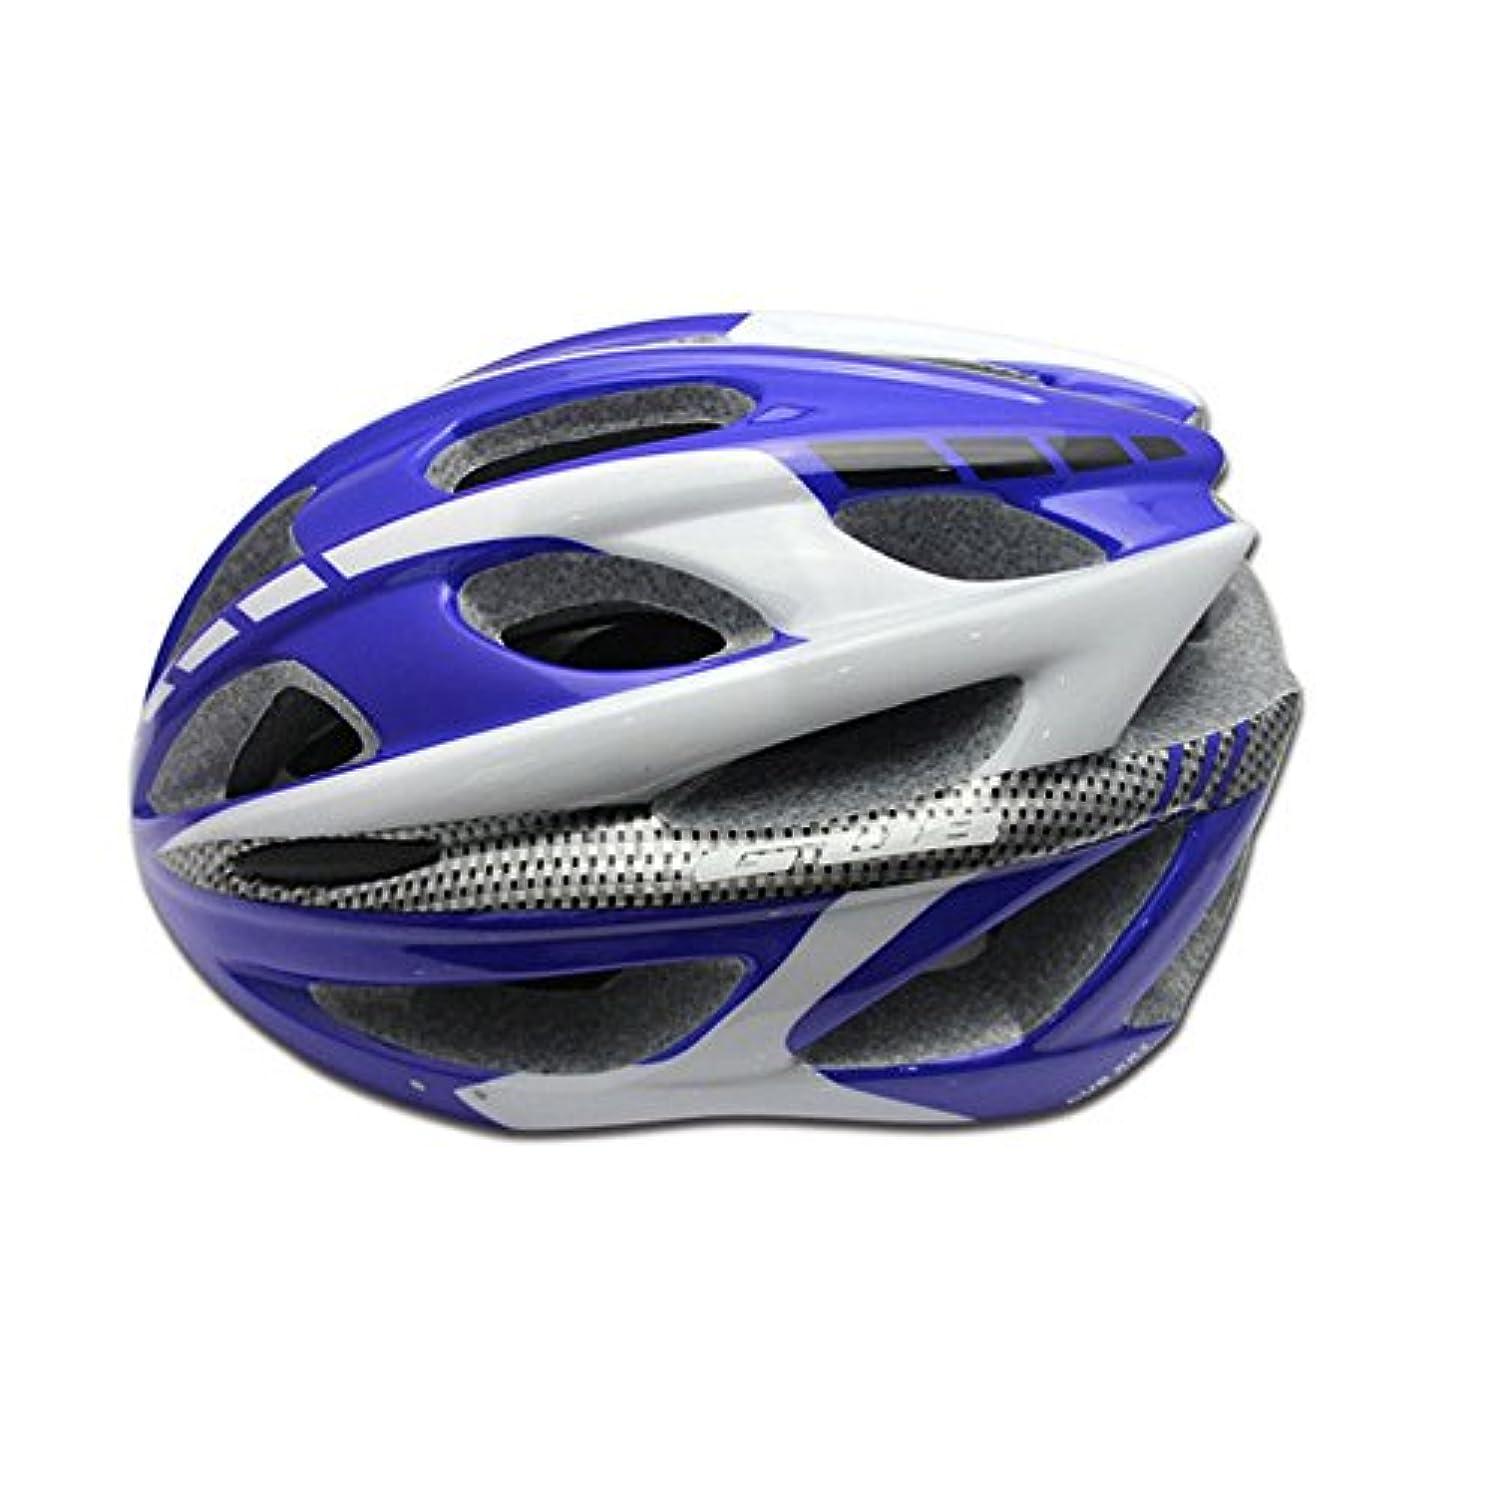 石炭秘書境界自転車用ヘルメット超軽量 自転車乗りヘルメット、自転車安全ヘルメット、屋外サイクリング愛好家に適しています。 オフロード自転車用保護帽